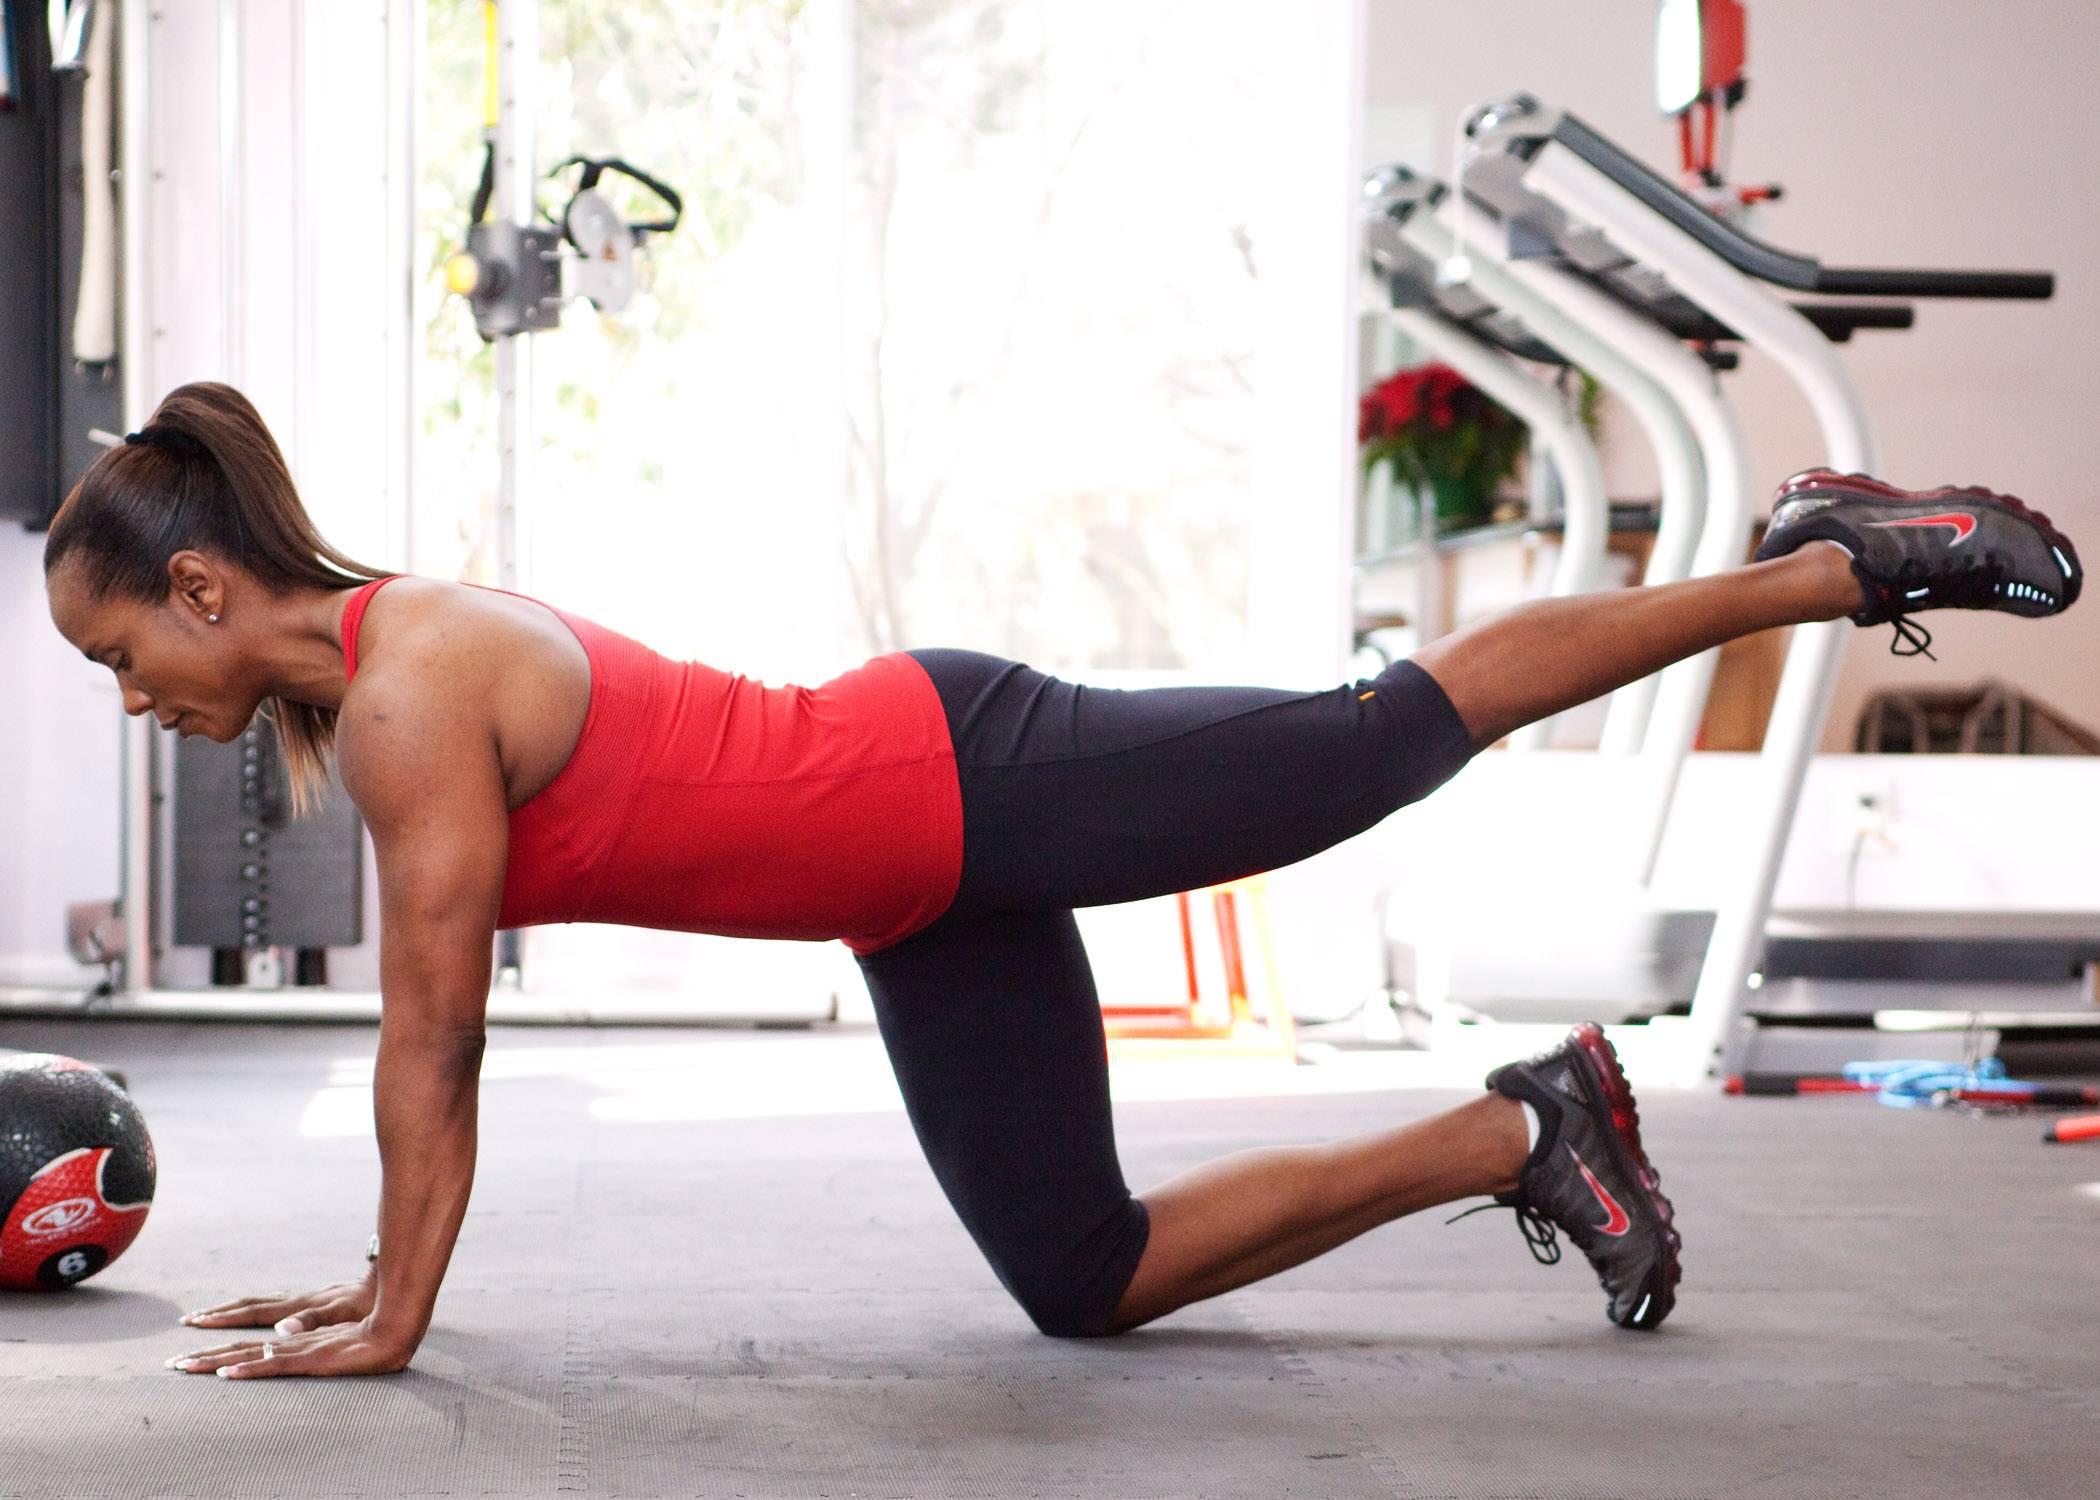 Плиометрика (упражнения): польза и вред, комплекс